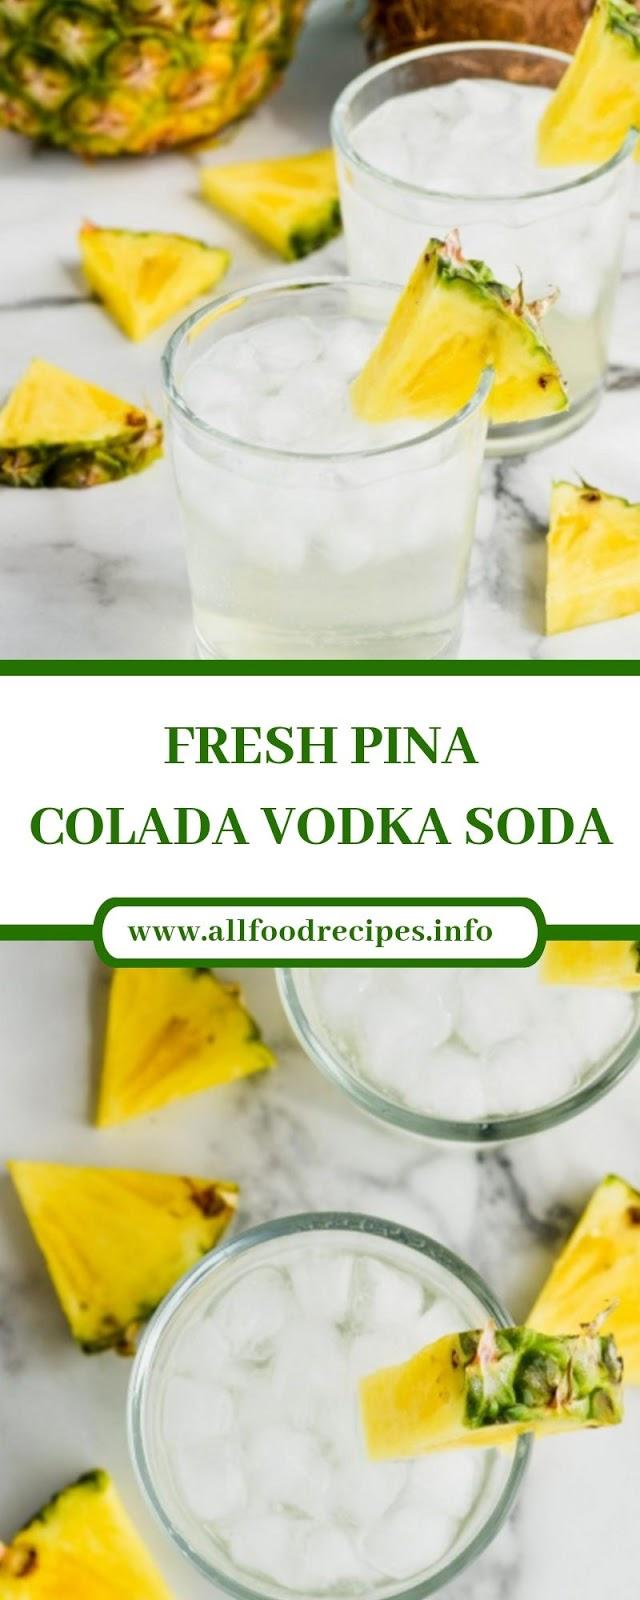 Fresh Pina Colada Vodka Soda